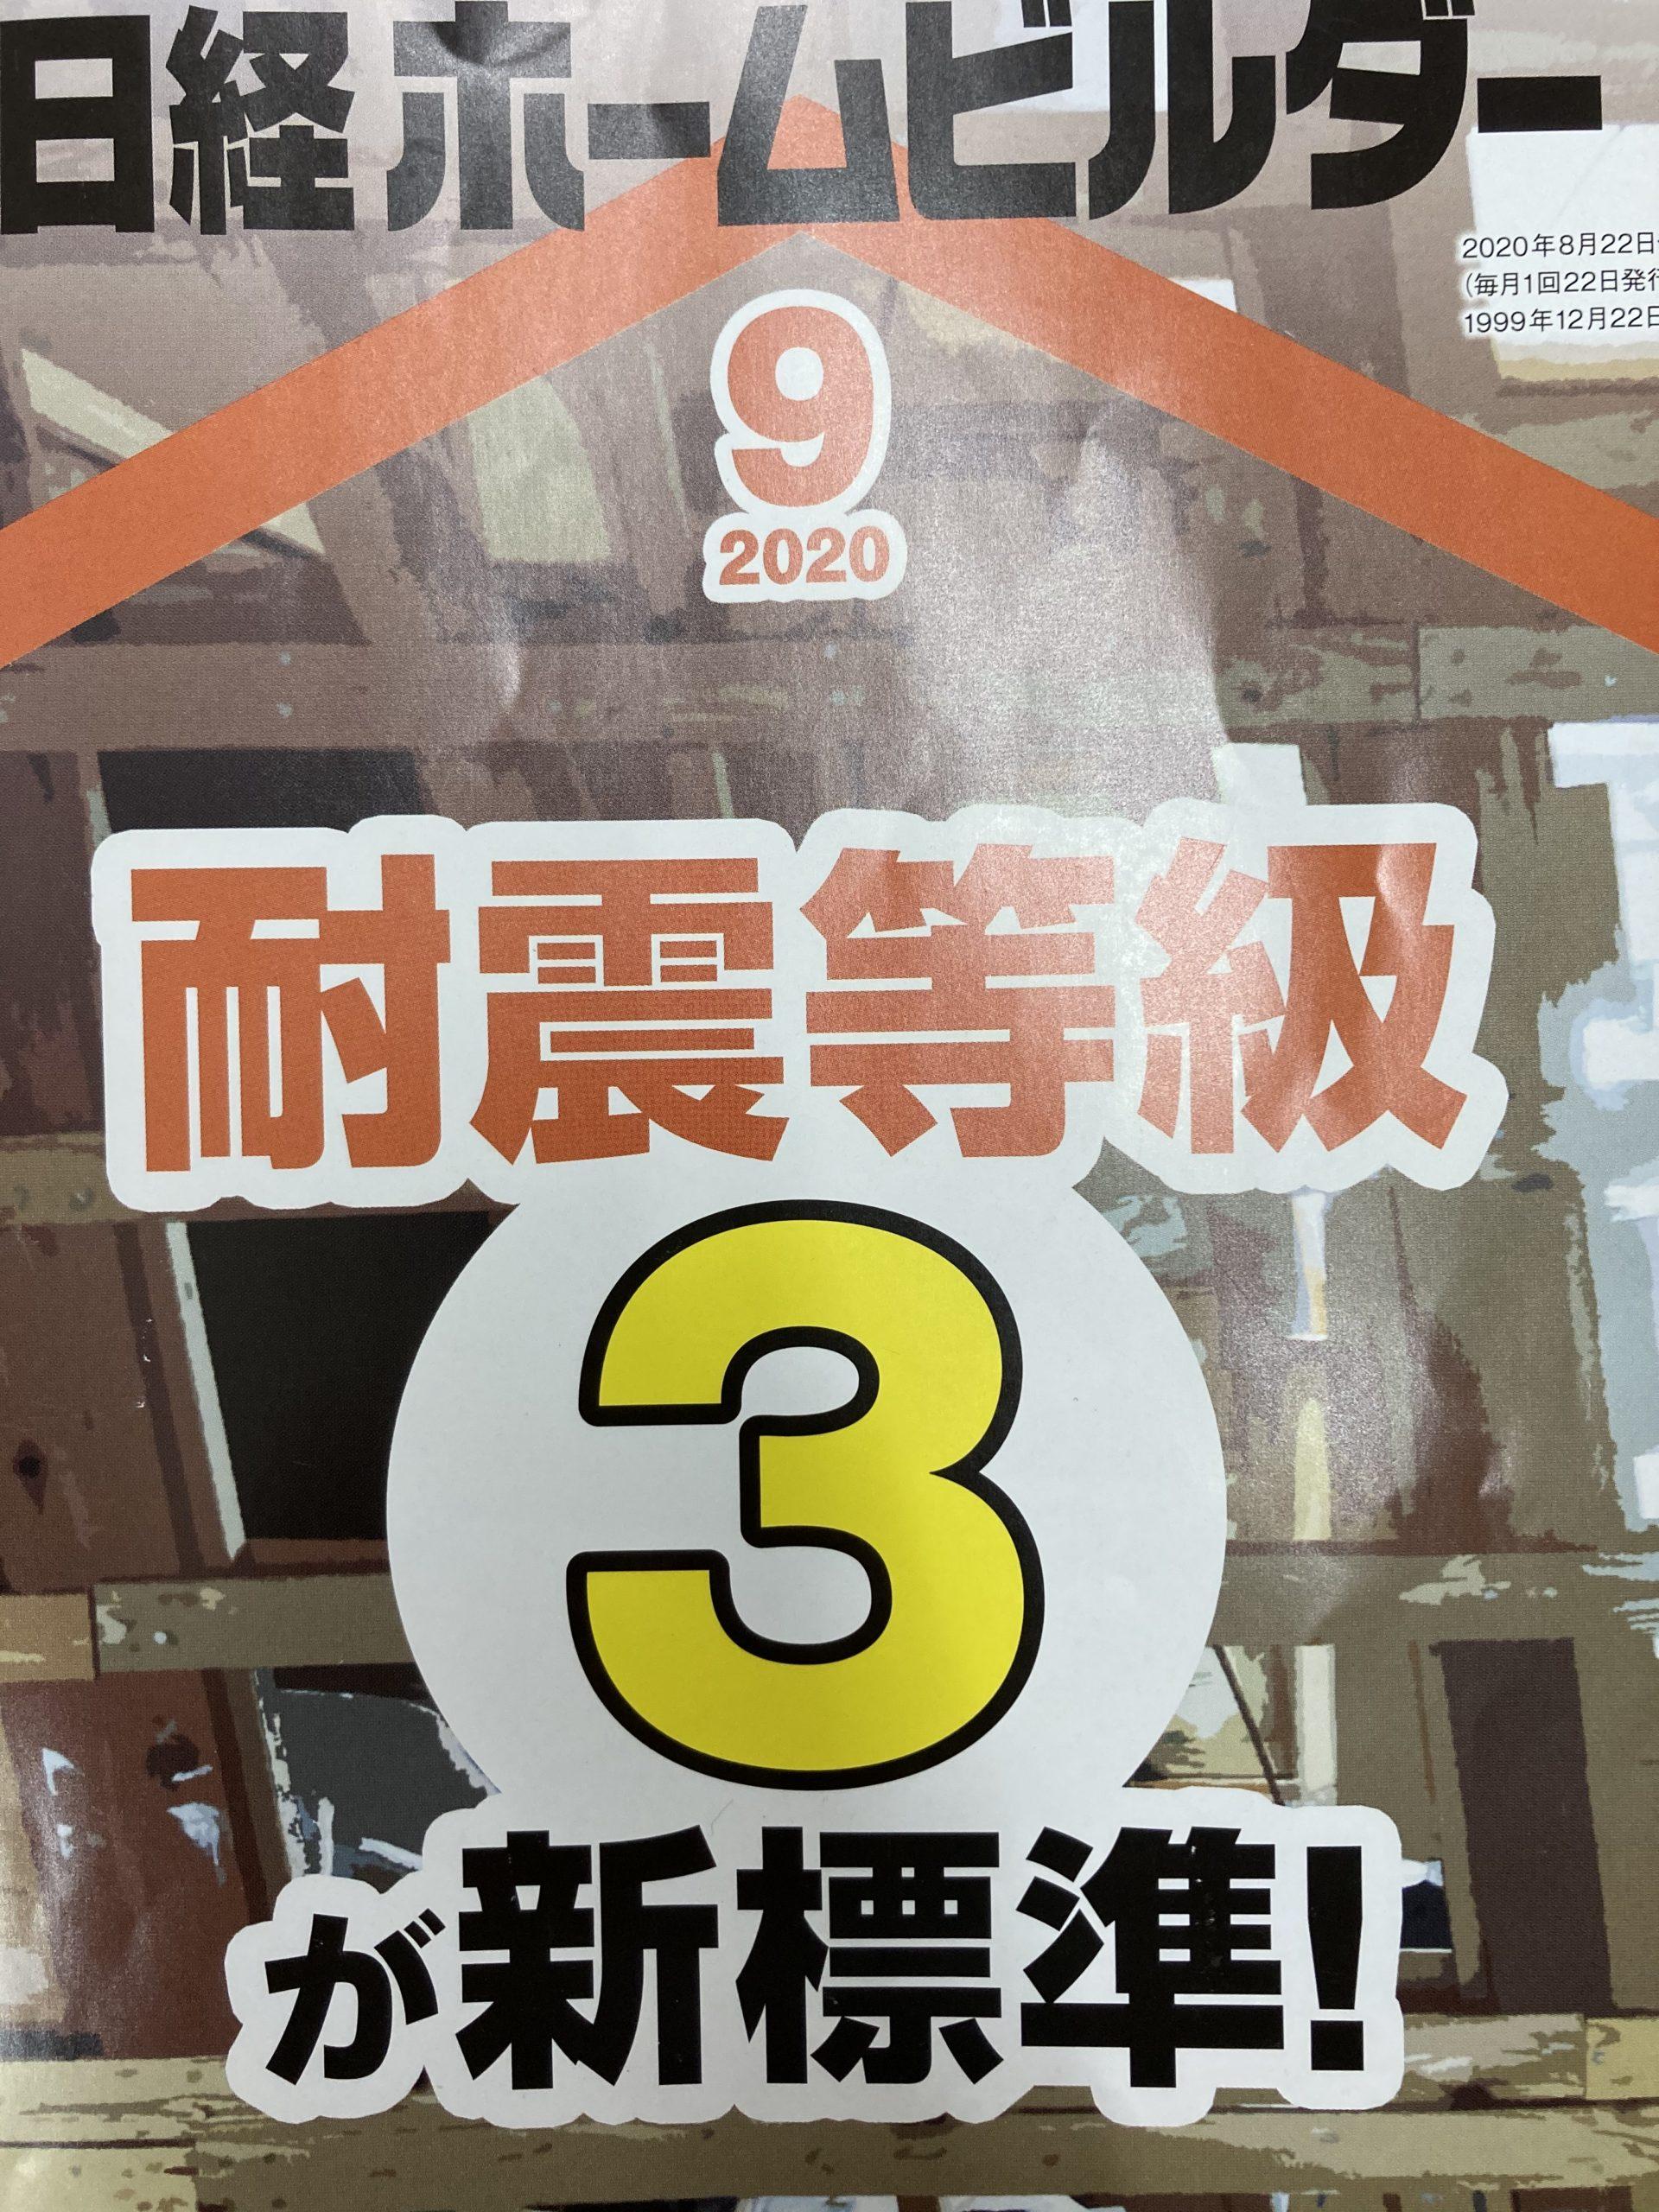 耐震等級3が新基準!大地震に被災した後にも住み続けられるって本当?